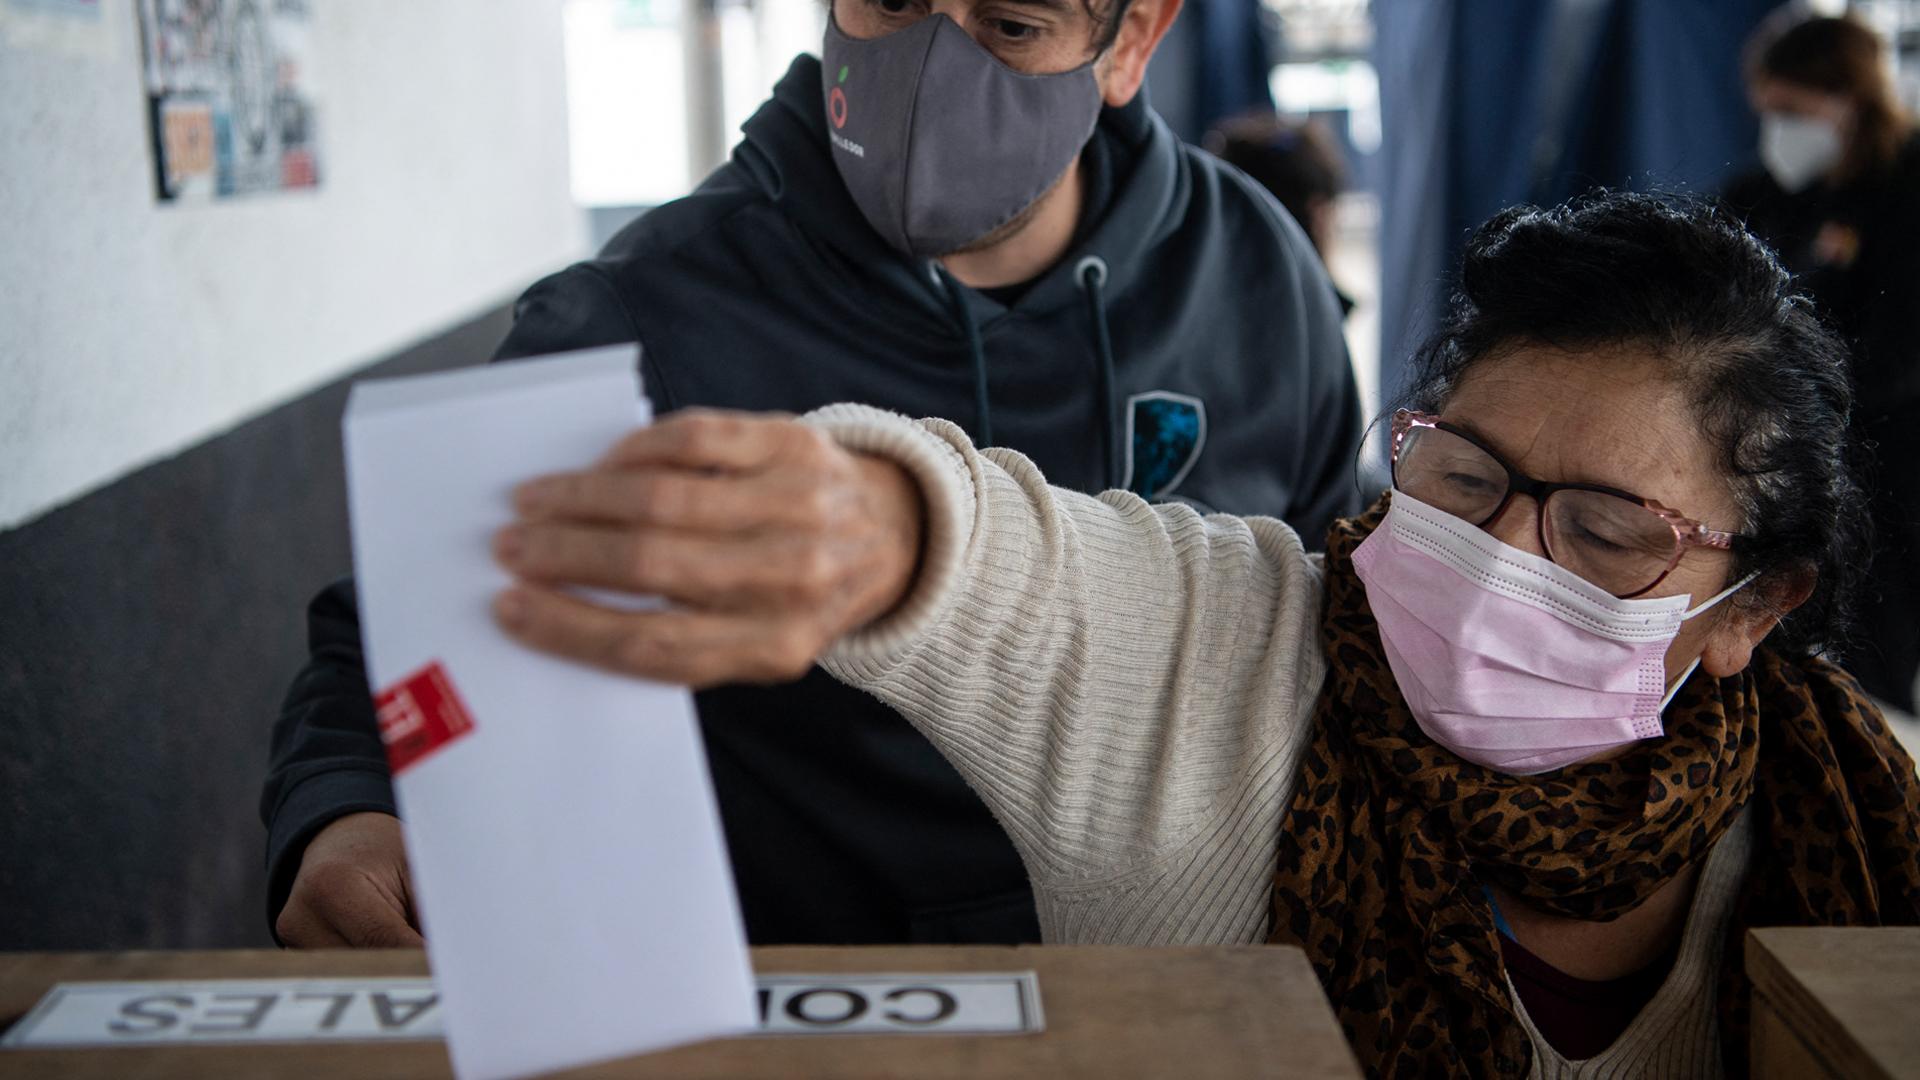 Las elecciones del pasado mayo resultaron un duro golpe para los partidos tradicionales. Foto: AFP.